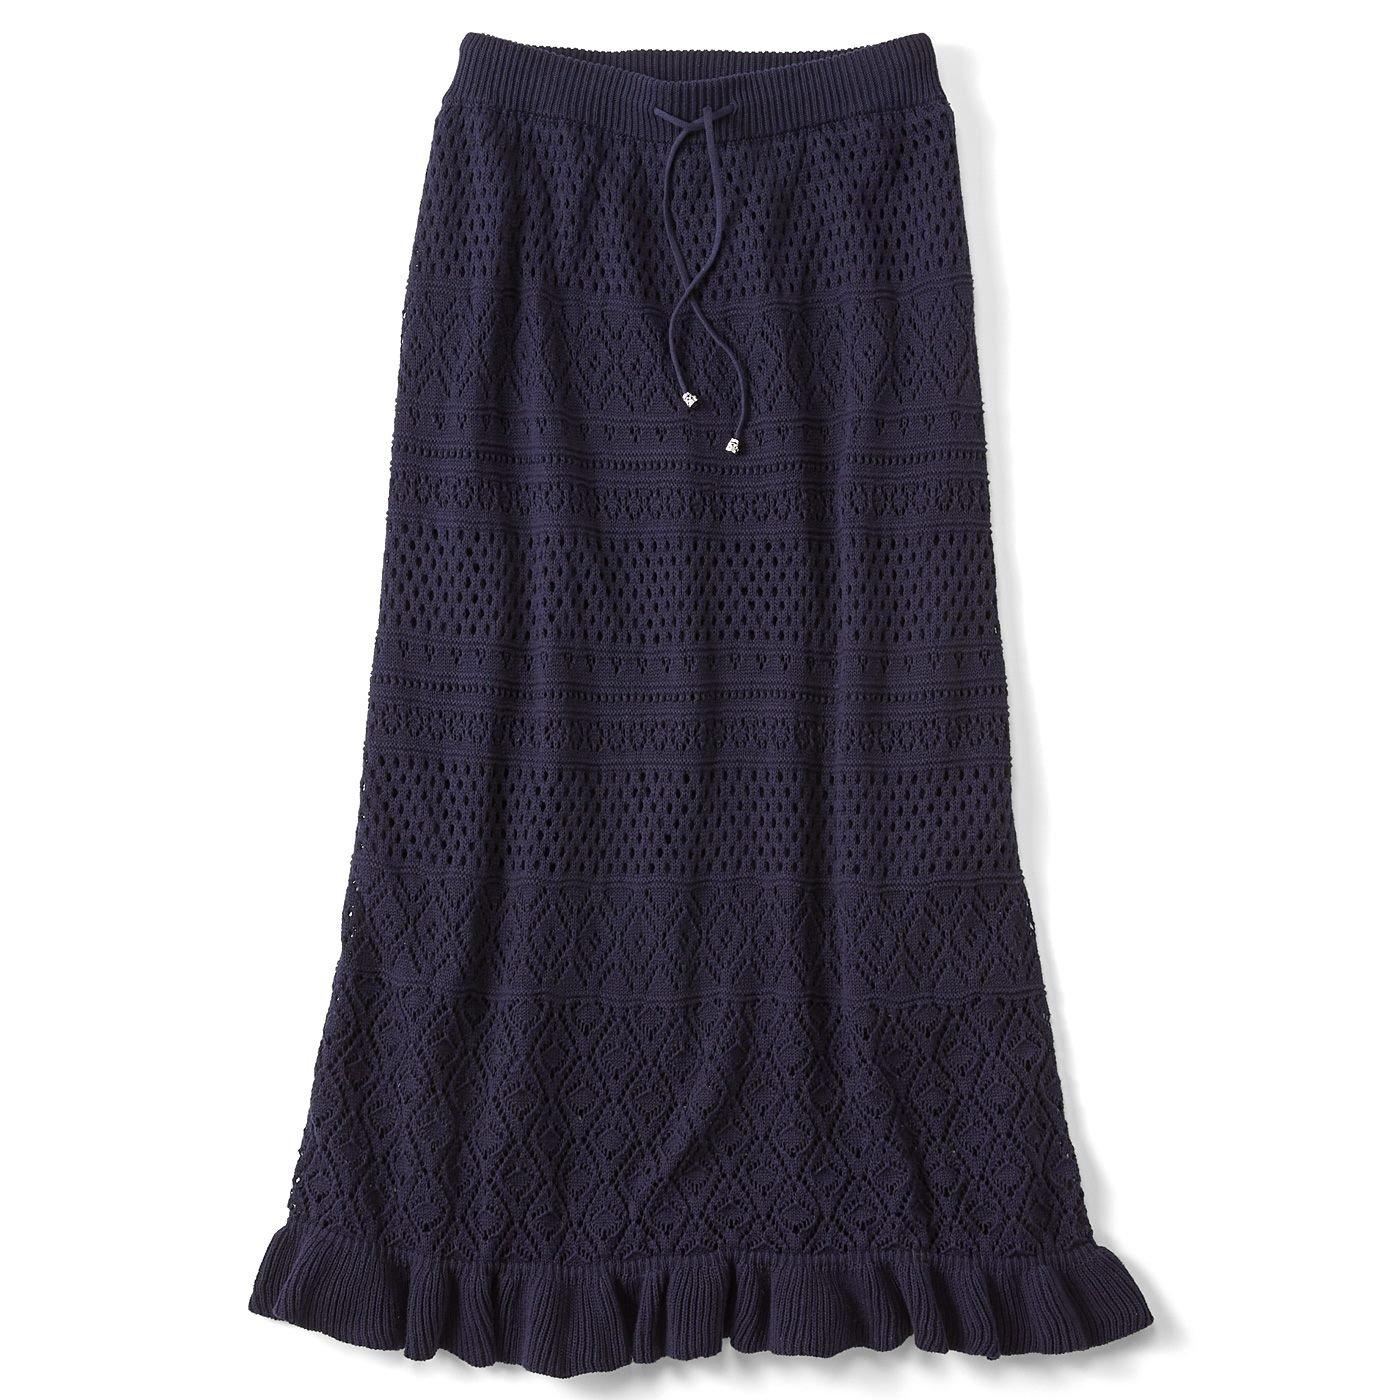 リブ イン コンフォート ほどゆるラインとのびのび裏地で はき心地も抜群 大人レディーな綿ニットスカート〈ネイビー〉